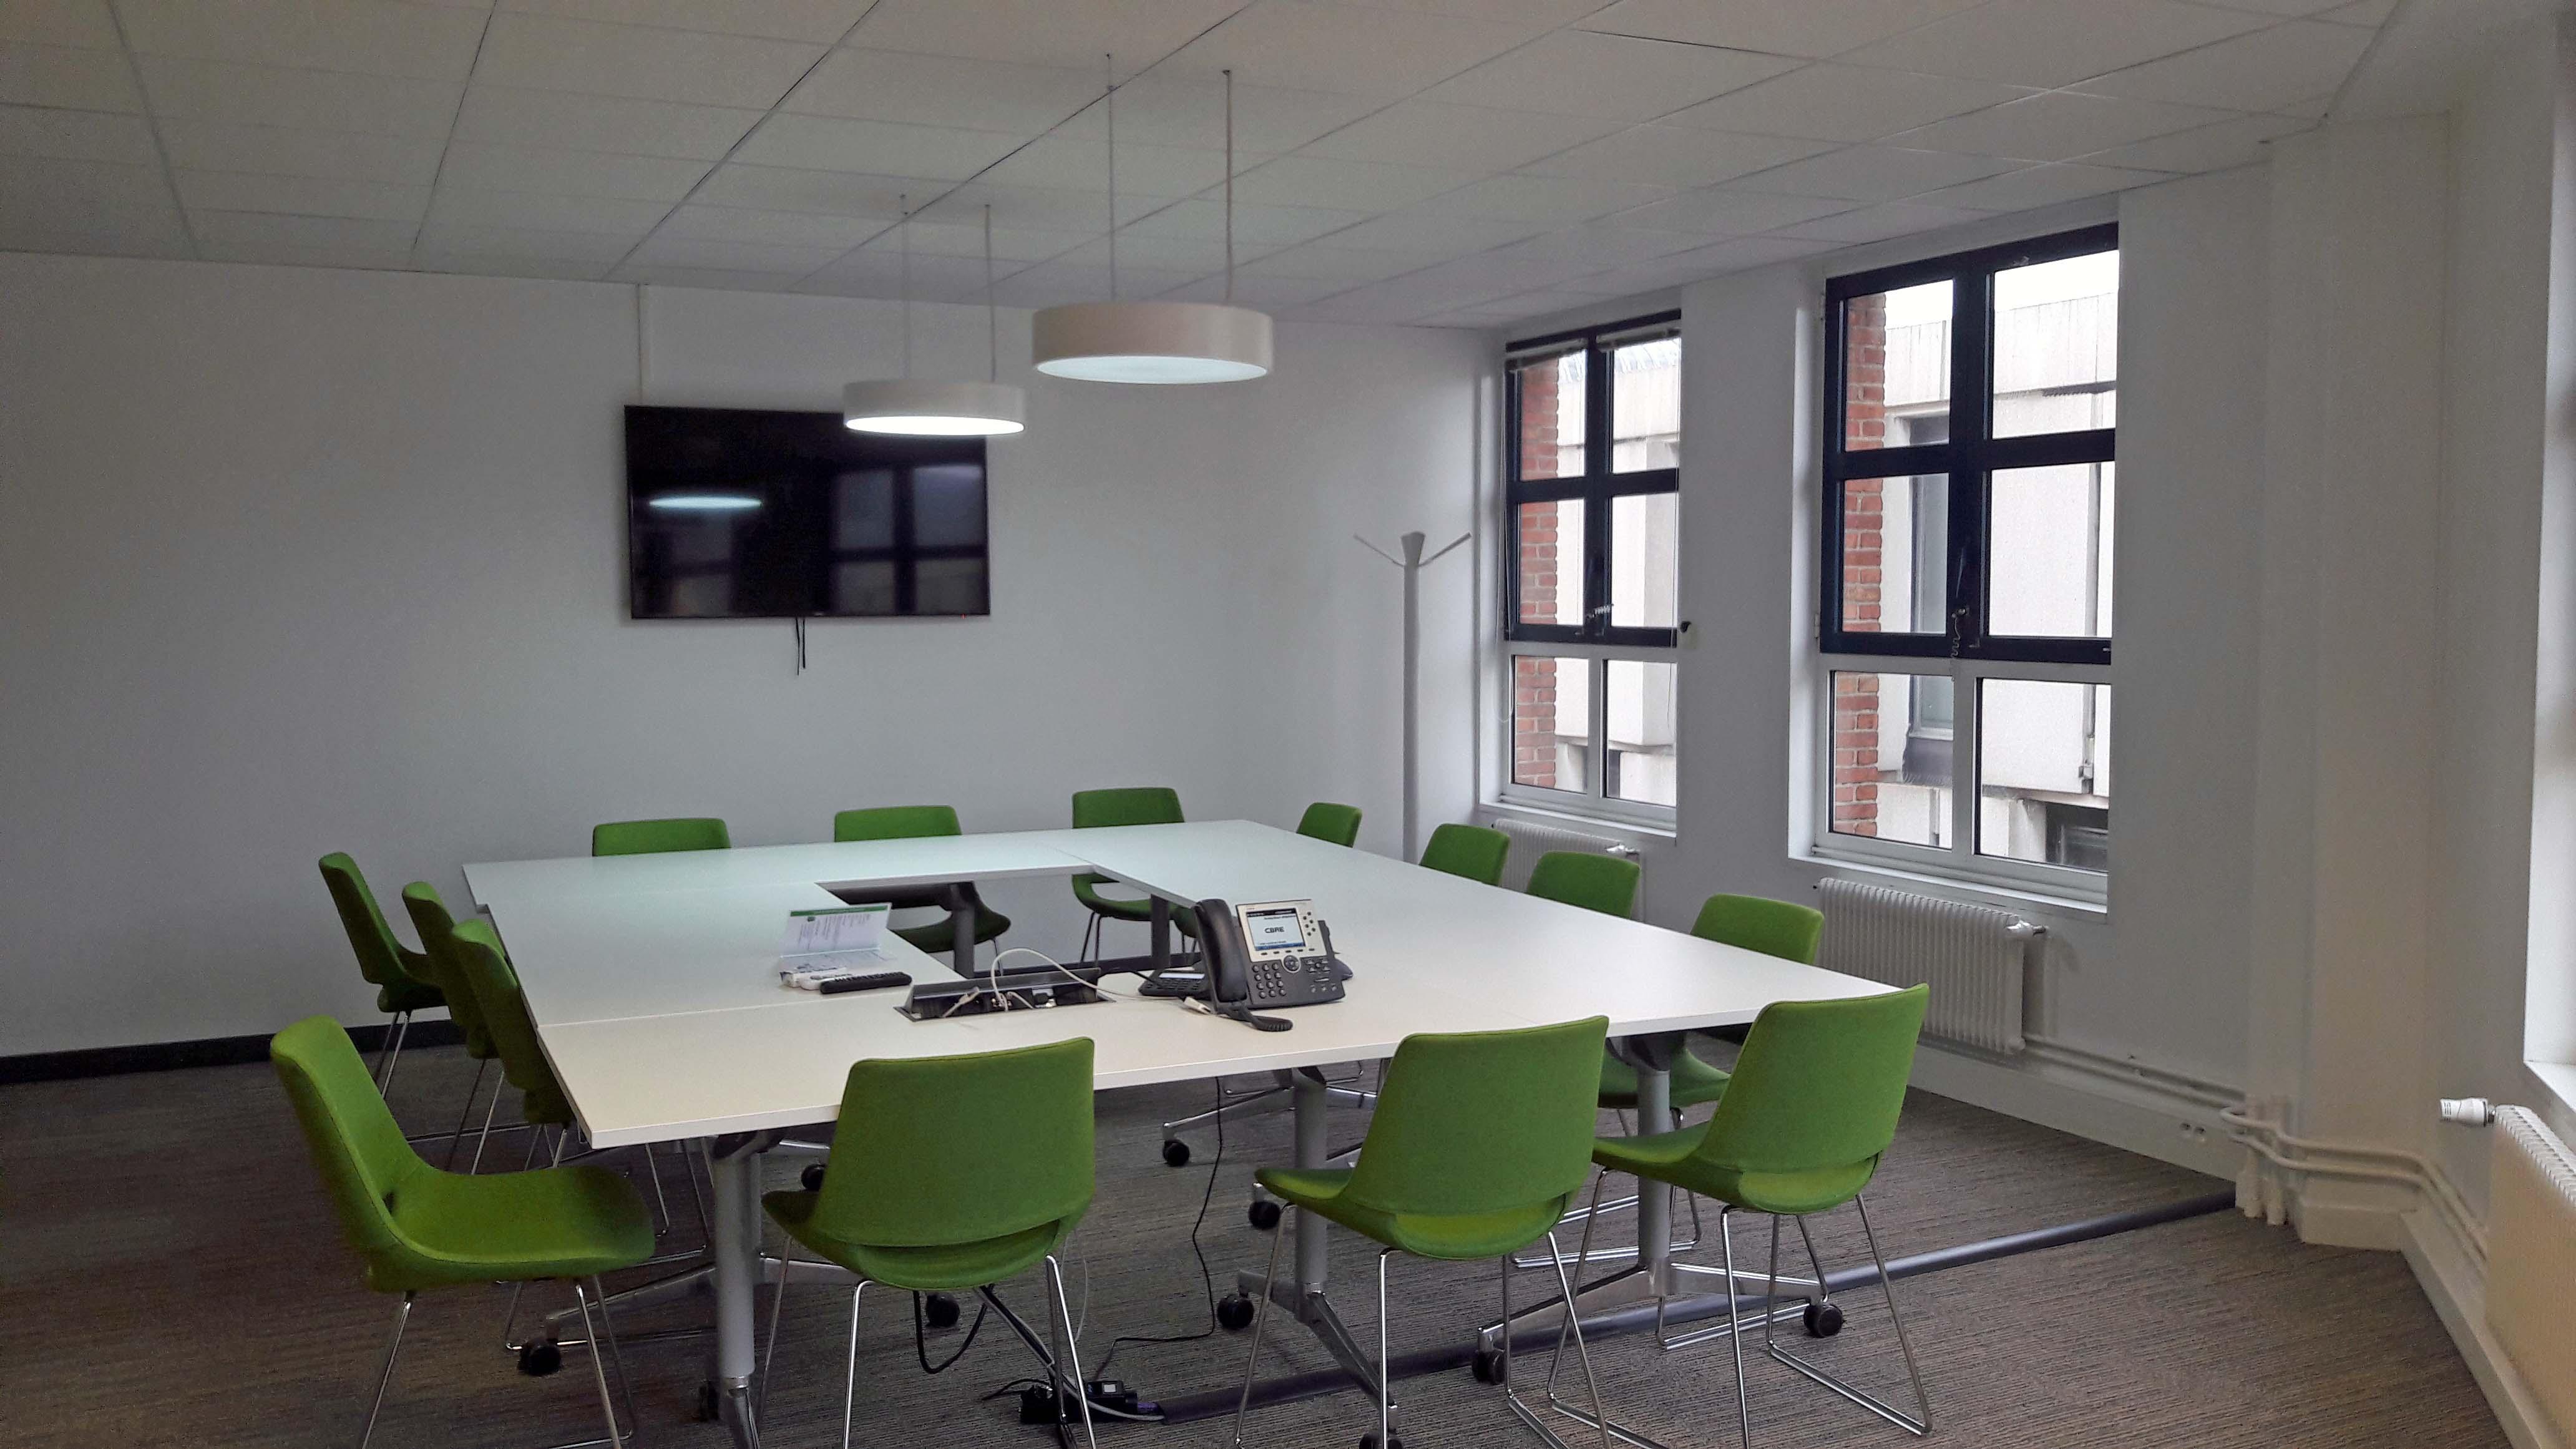 nouveaux bureaux pour cbre lille un d m nagement strat gique cbre lille. Black Bedroom Furniture Sets. Home Design Ideas